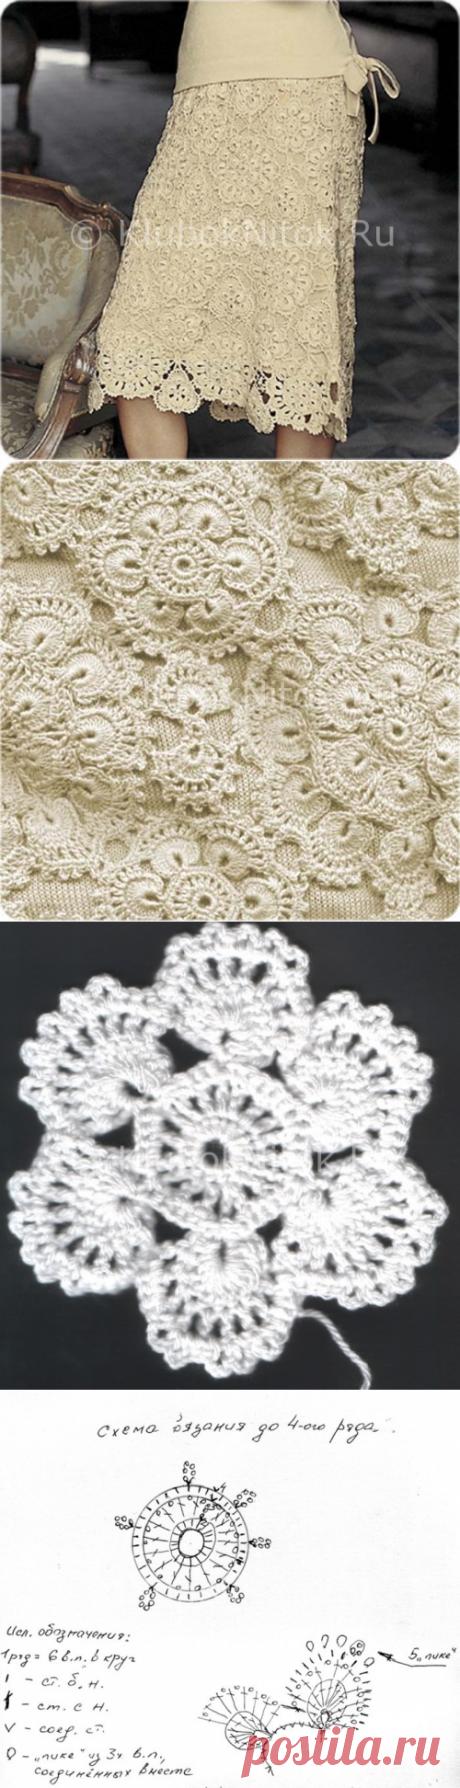 Юбка из круглых мотивов   Вязание для женщин   Вязание спицами и крючком. Схемы вязания.